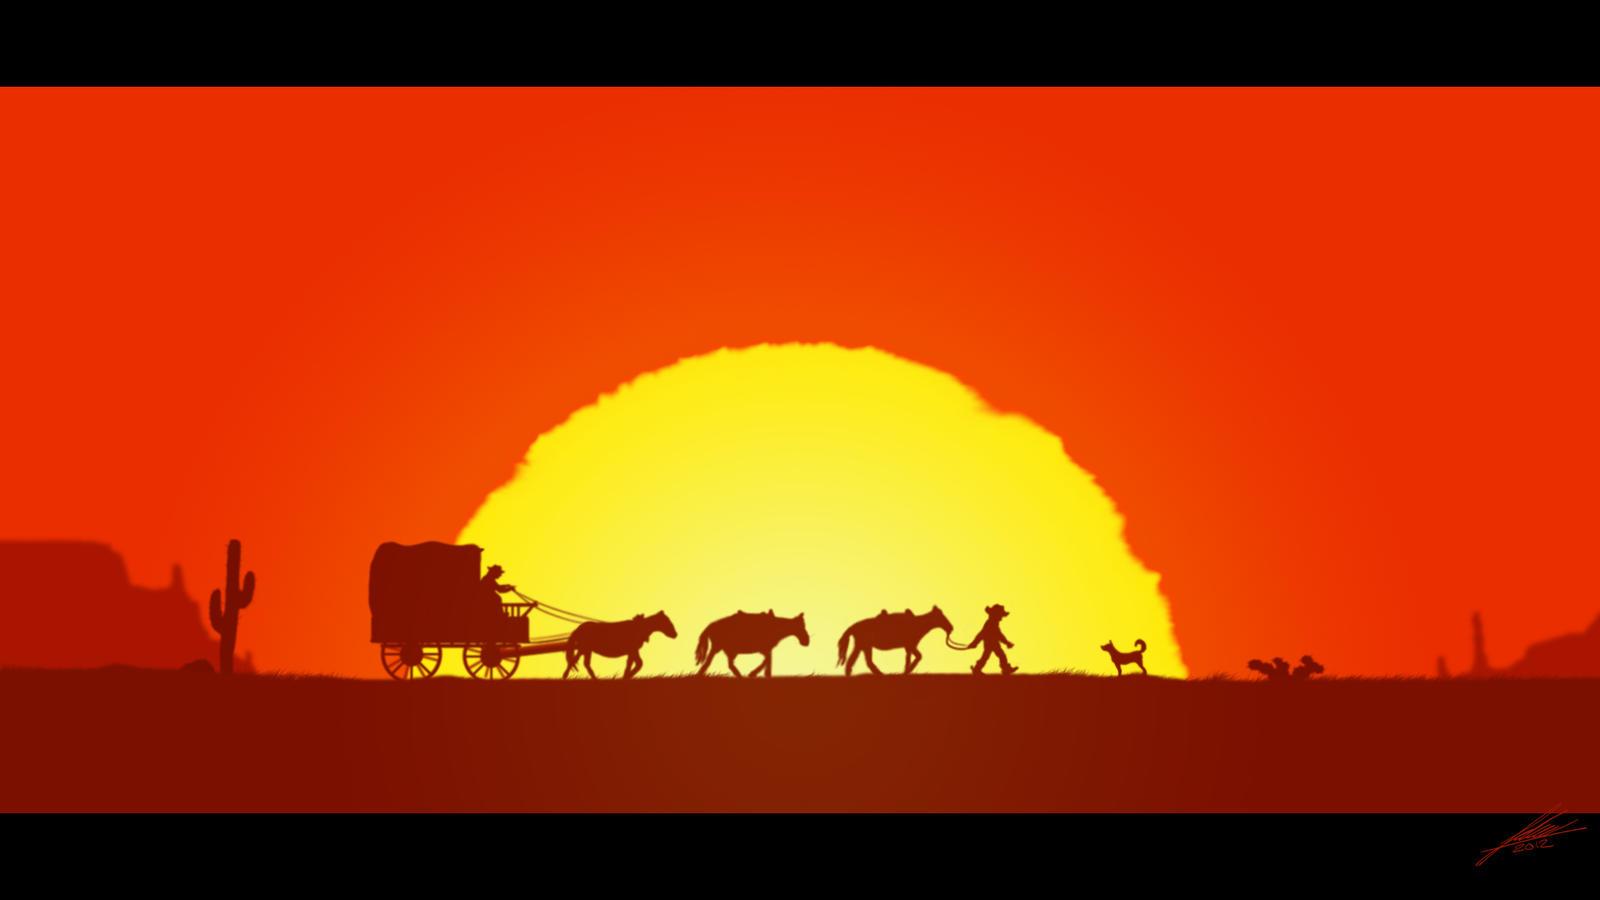 Western Sunset By Deamonen On Deviantart